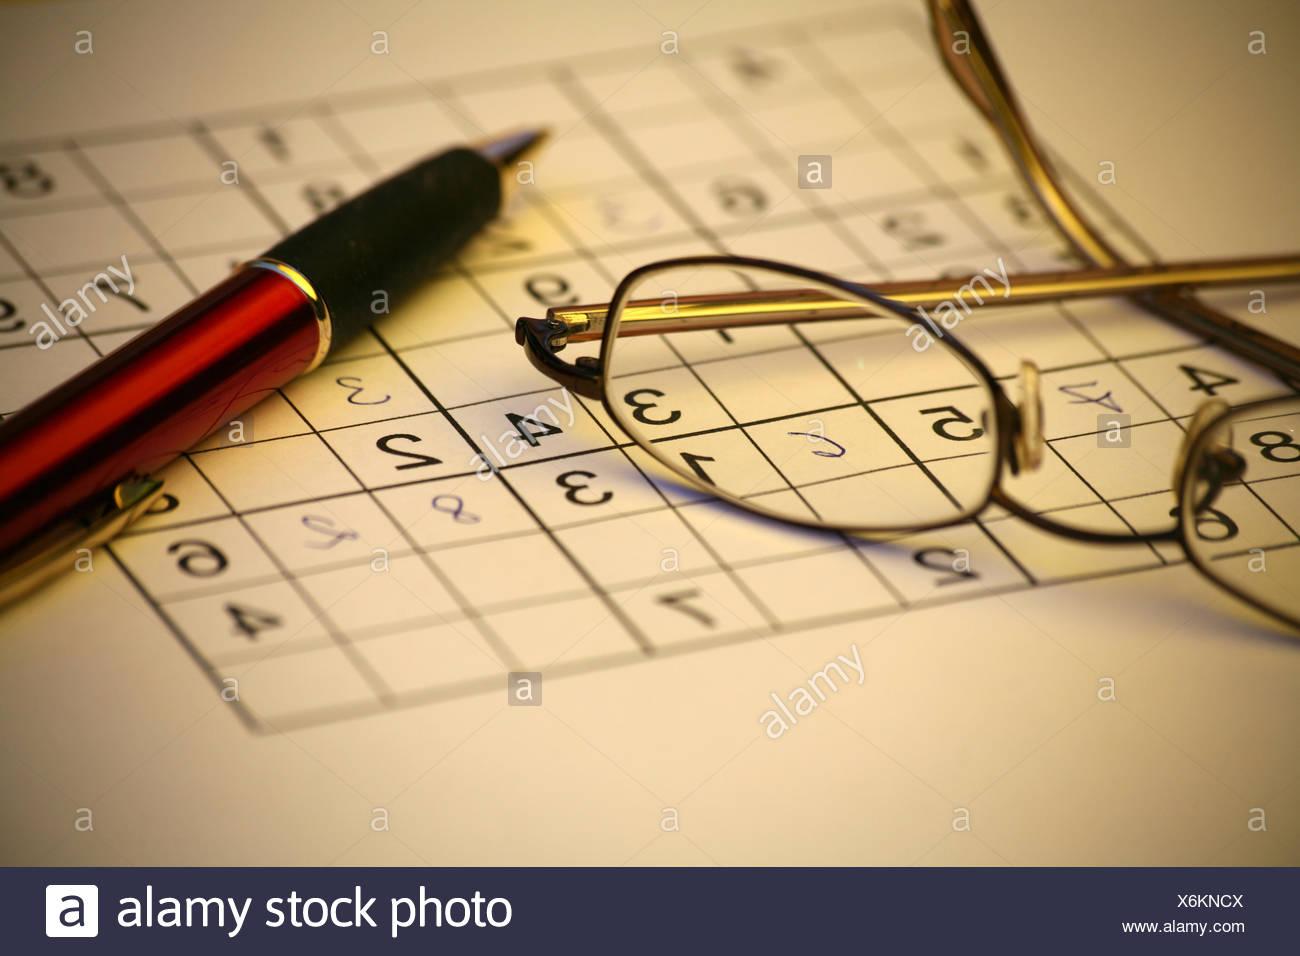 tricky - Stock Image